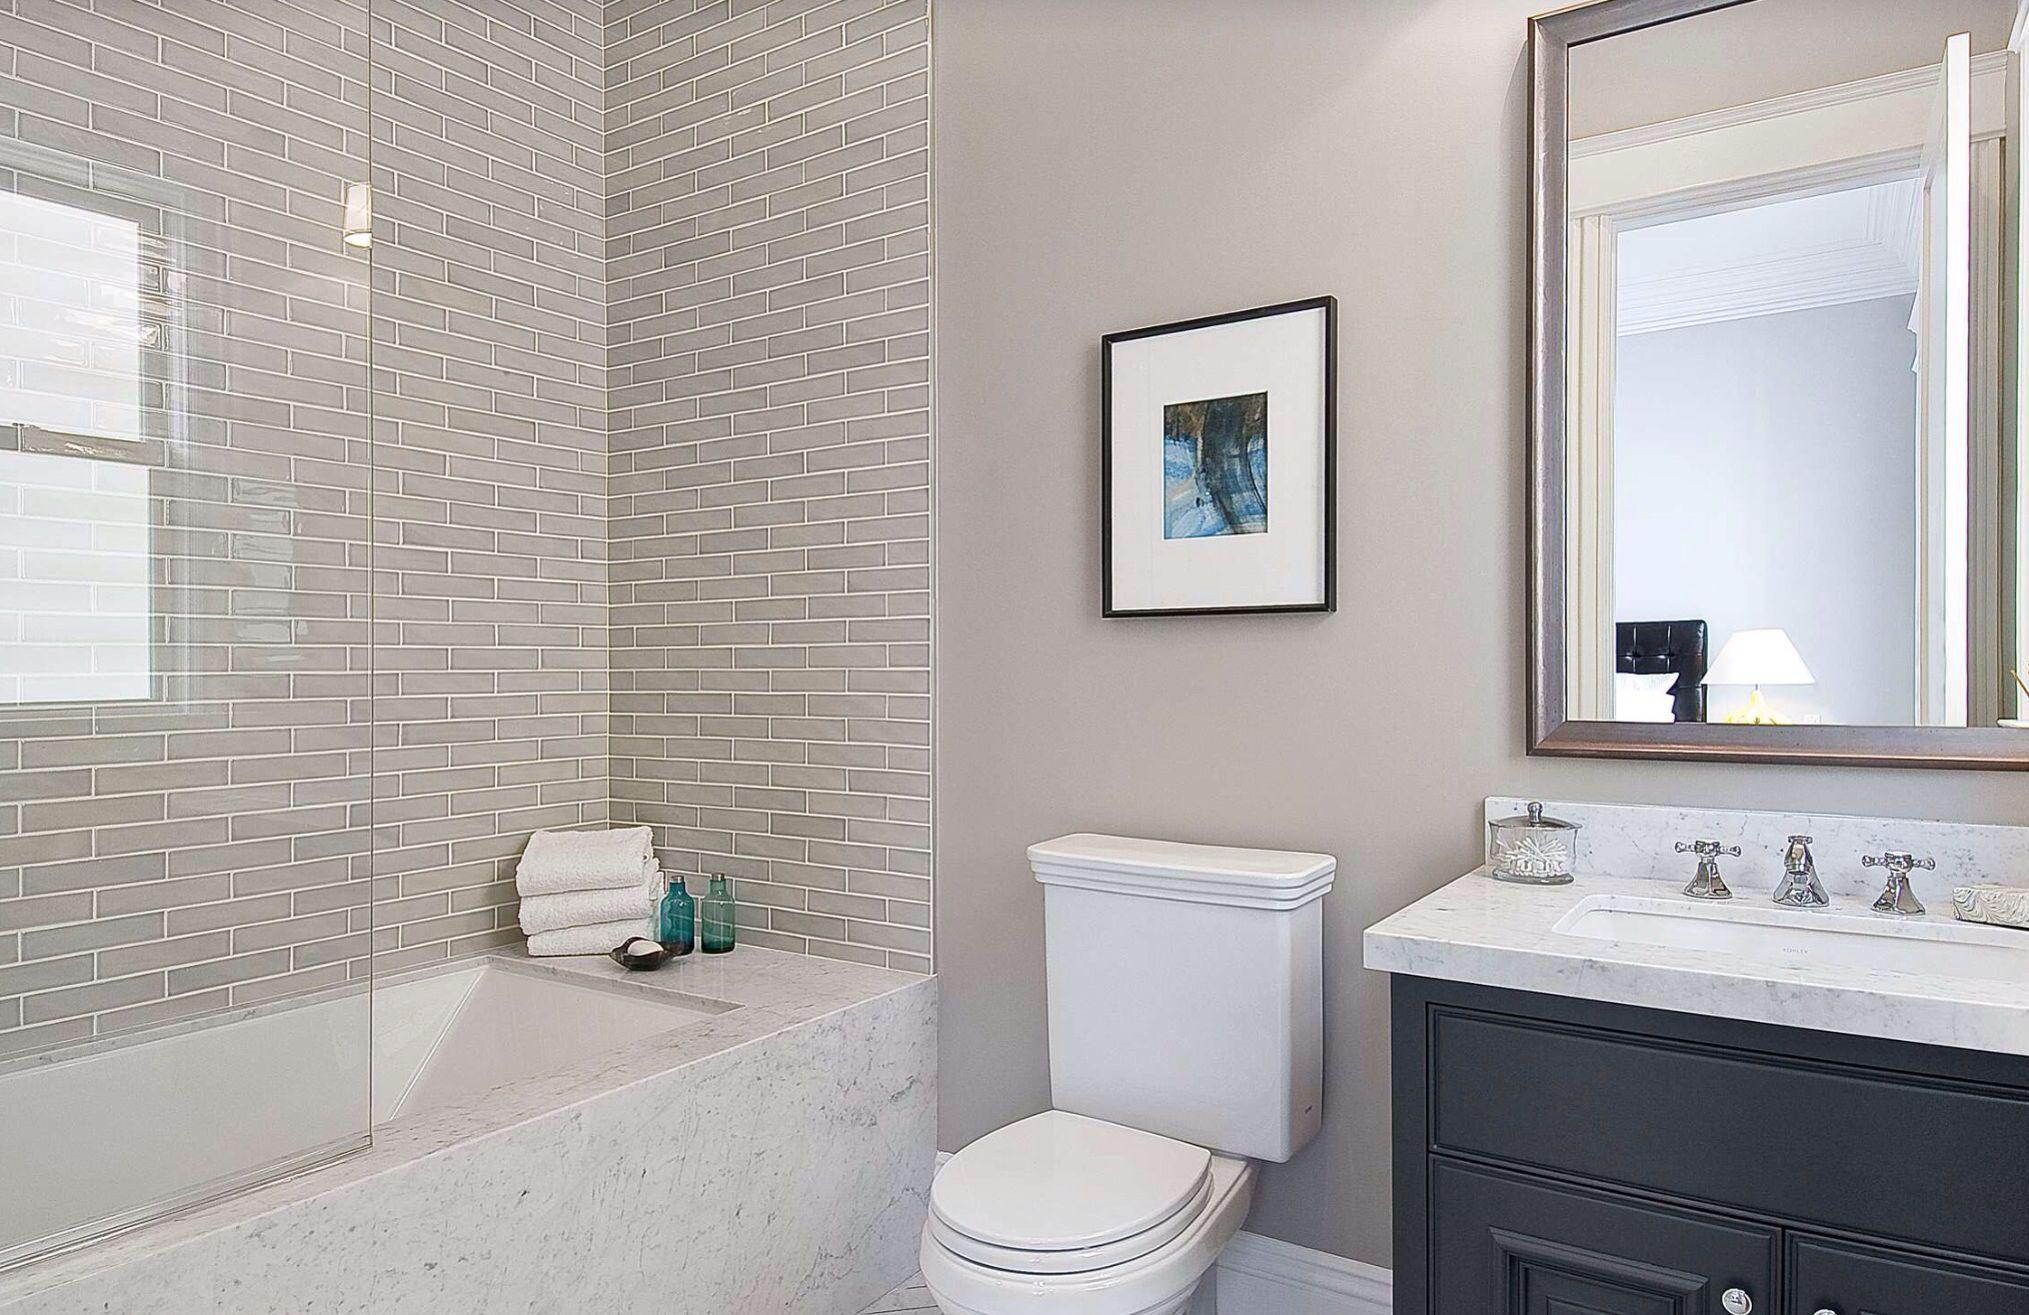 Ванная комната Дизайн маленькой ванной без кафеля